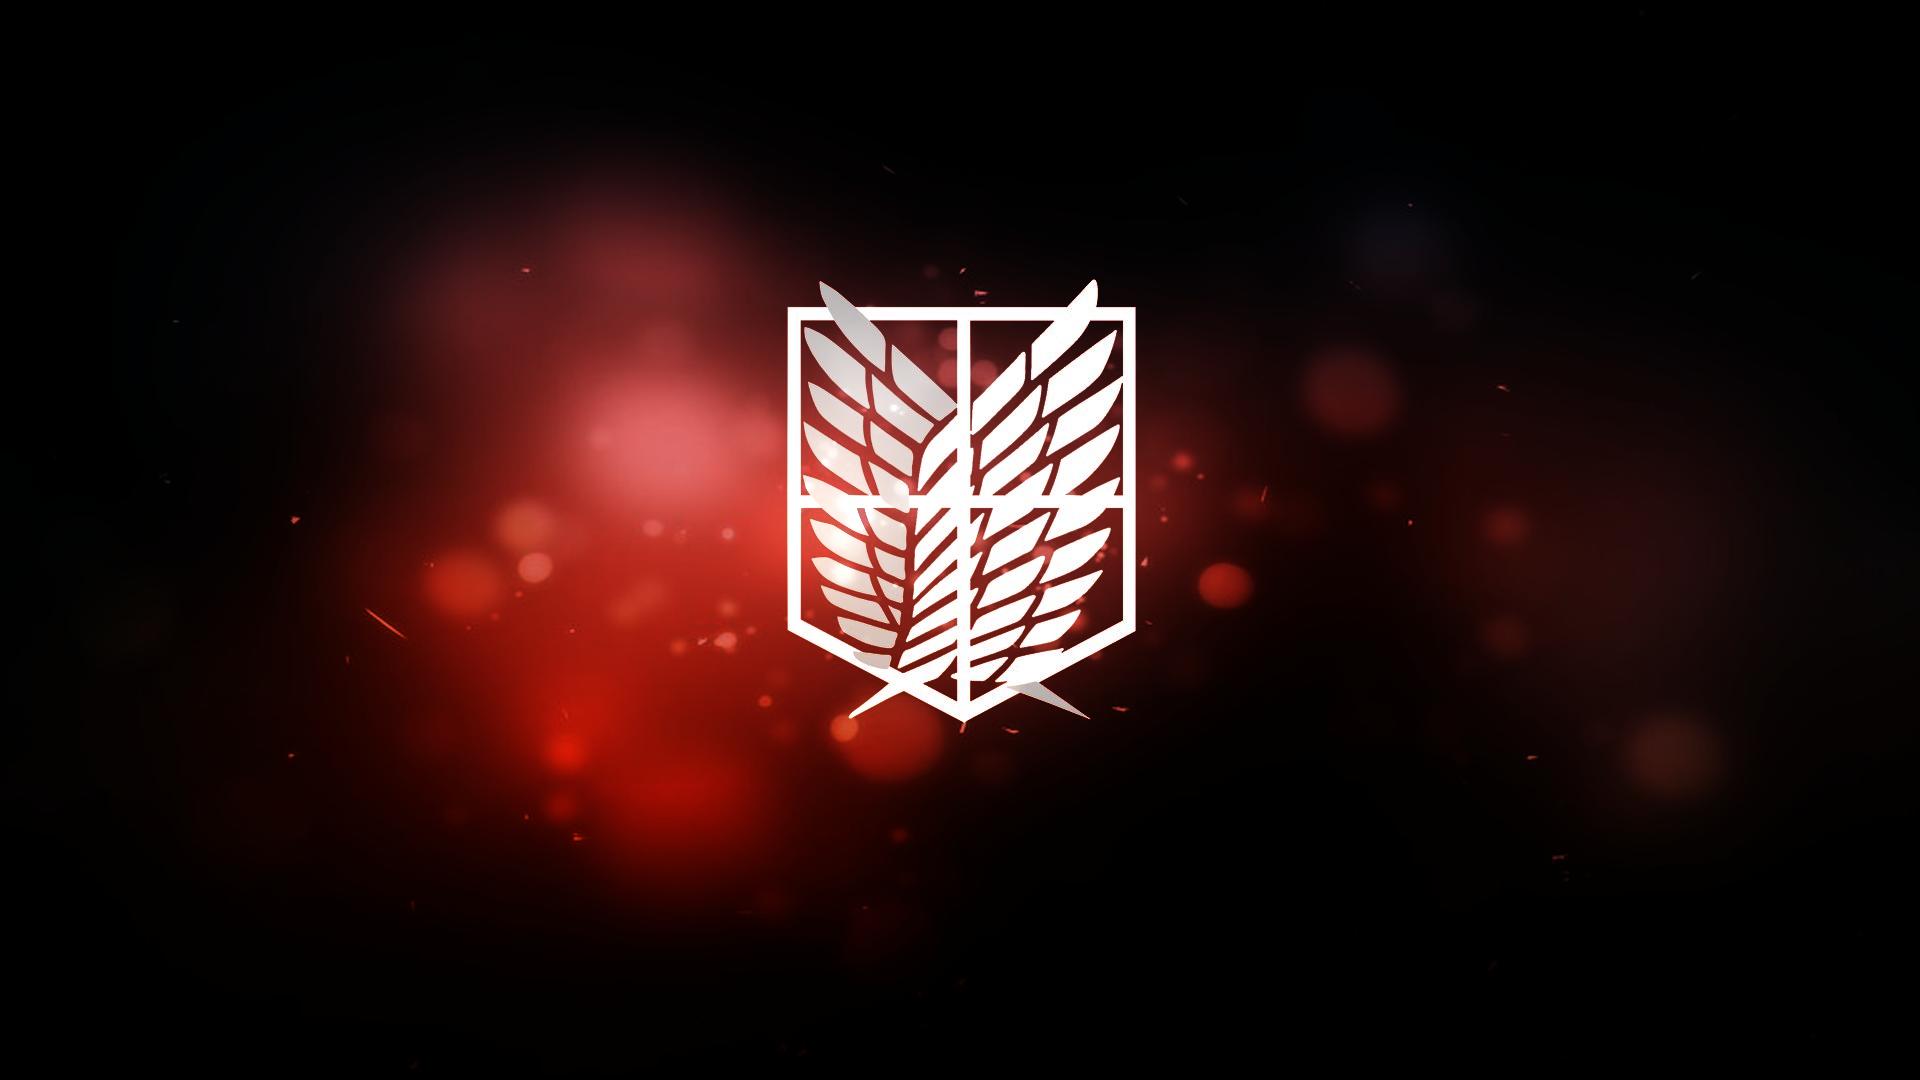 The Scouting Legion Emblem Fondo De Pantalla Hd Fondo De